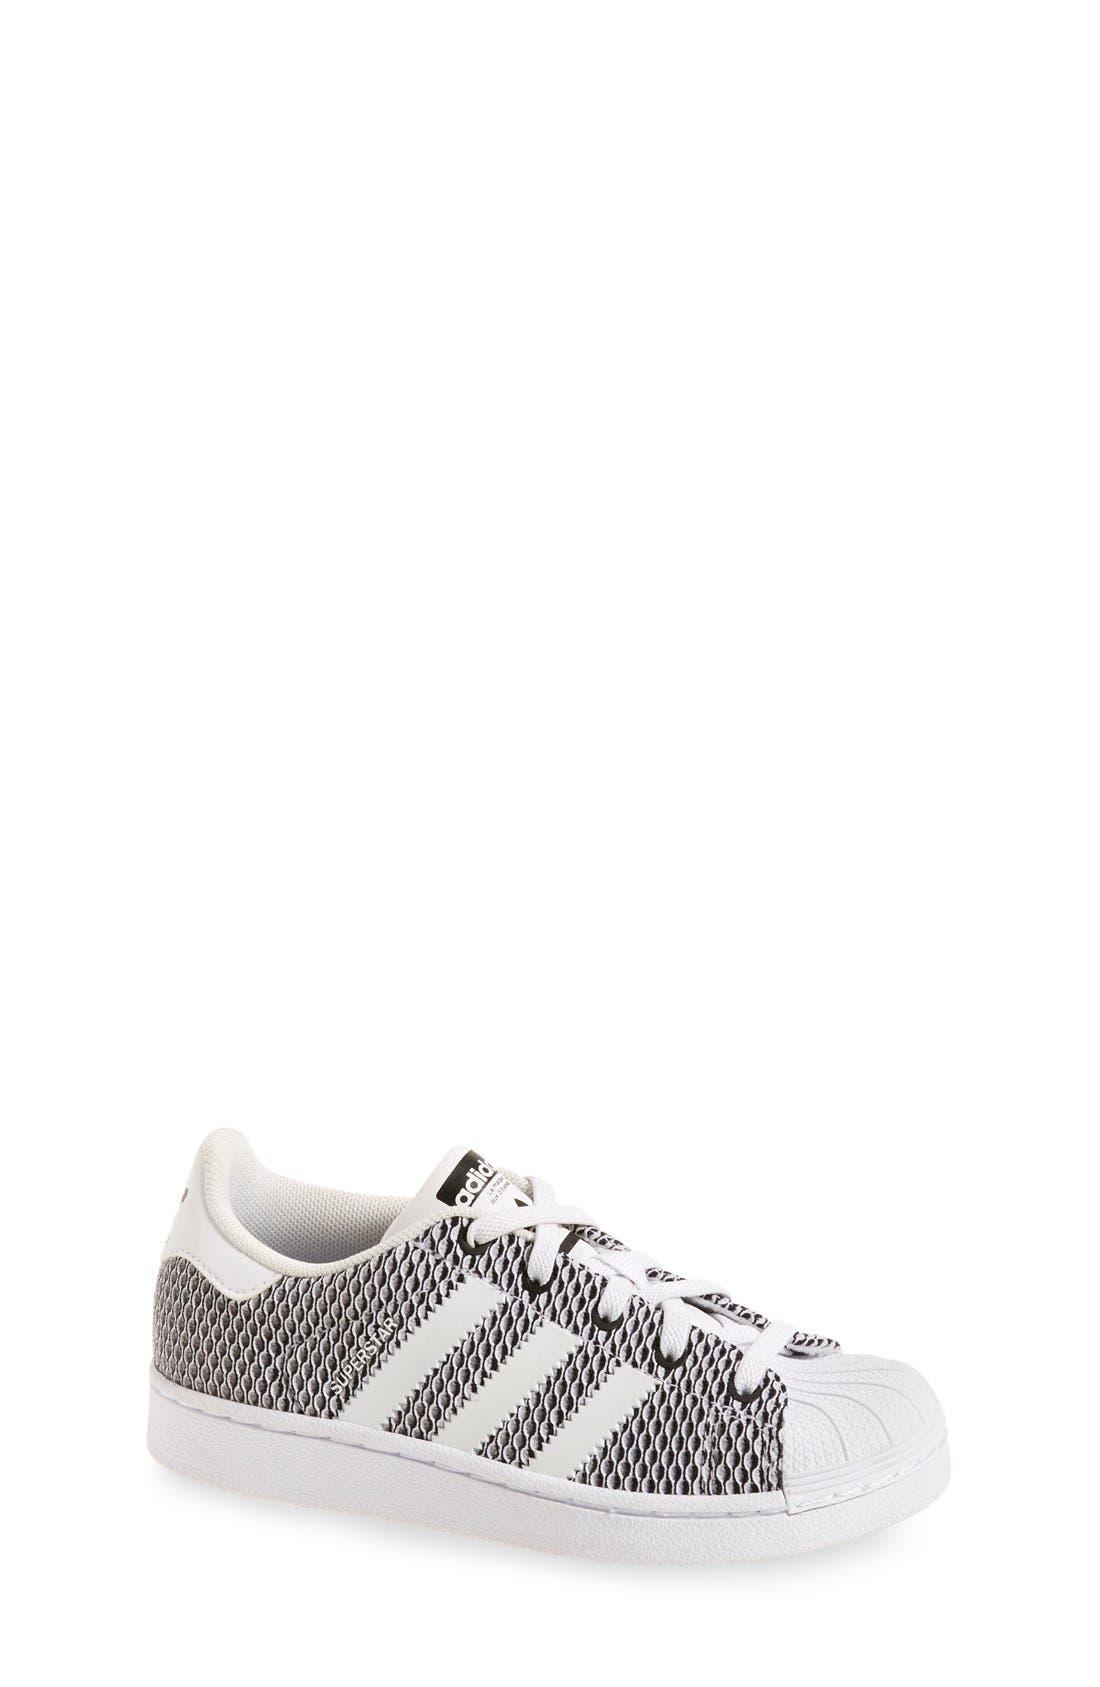 Alternate Image 1 Selected - adidas 'Superstar - Color Shift' Sneaker (Baby, Walker, Toddler, Little Kid & Big Kid)